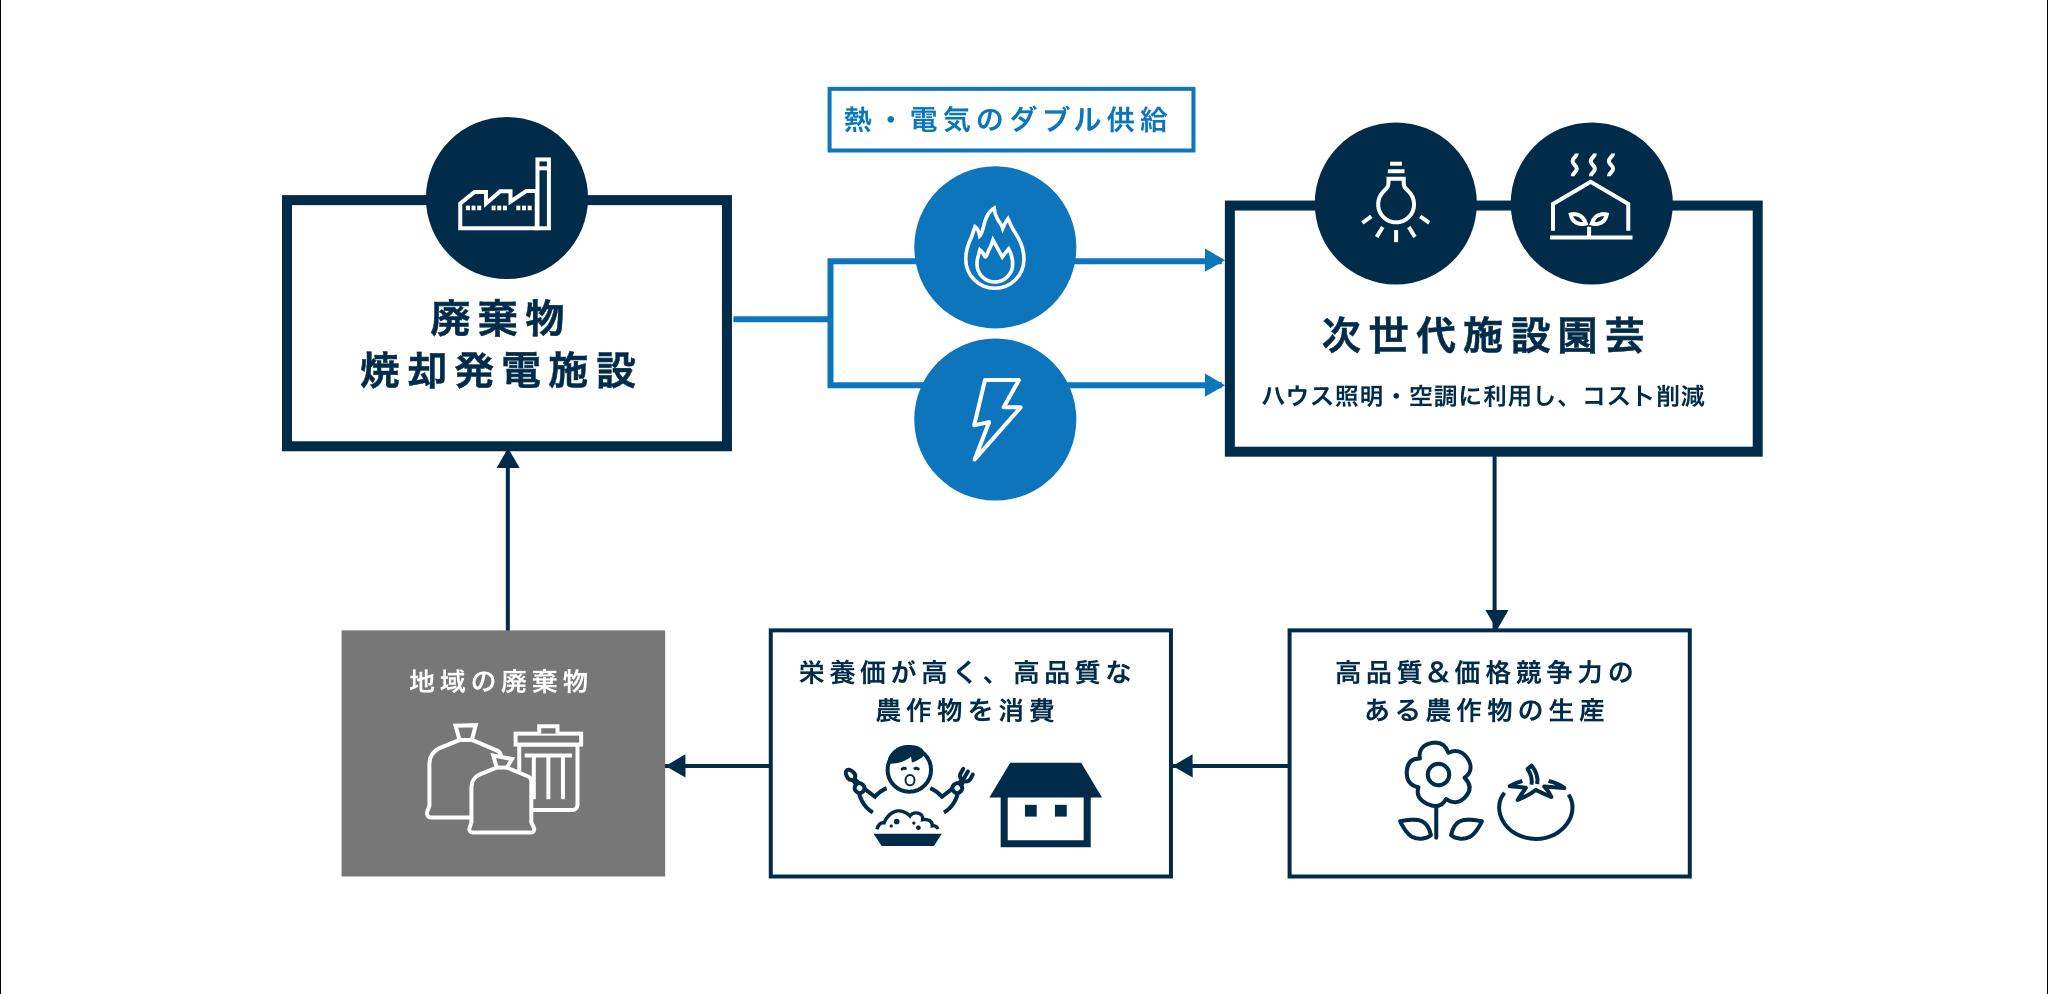 富山スマートアグリ次世代施設園芸拠点